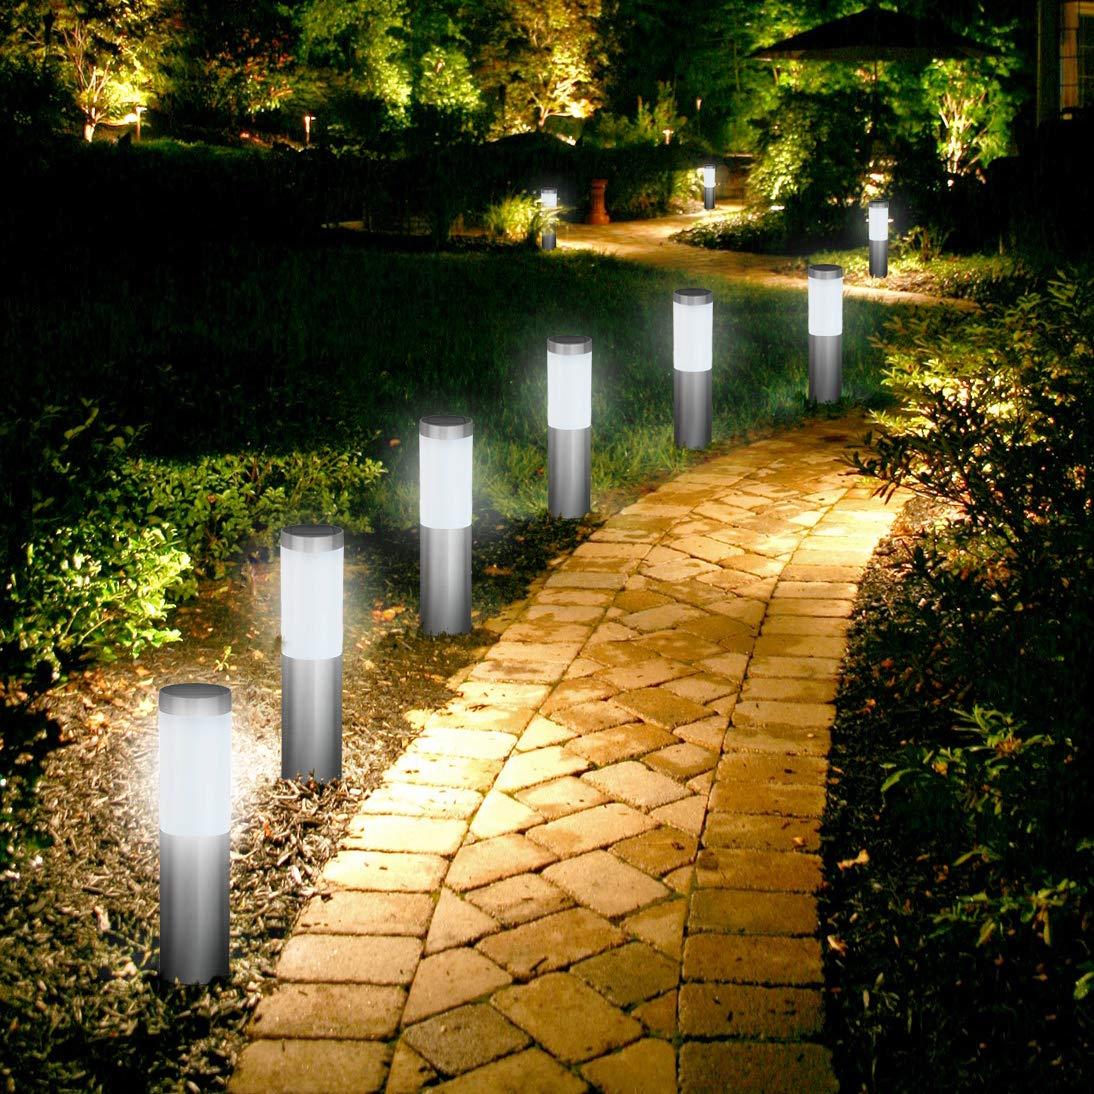 Poste de Luz Solar Oscar (Paquete de 4), Luces Solares, Iluminación para Patio, Caminos, Césped y Paisaje de SPV Lights: Los Especialistas en Luces e ...